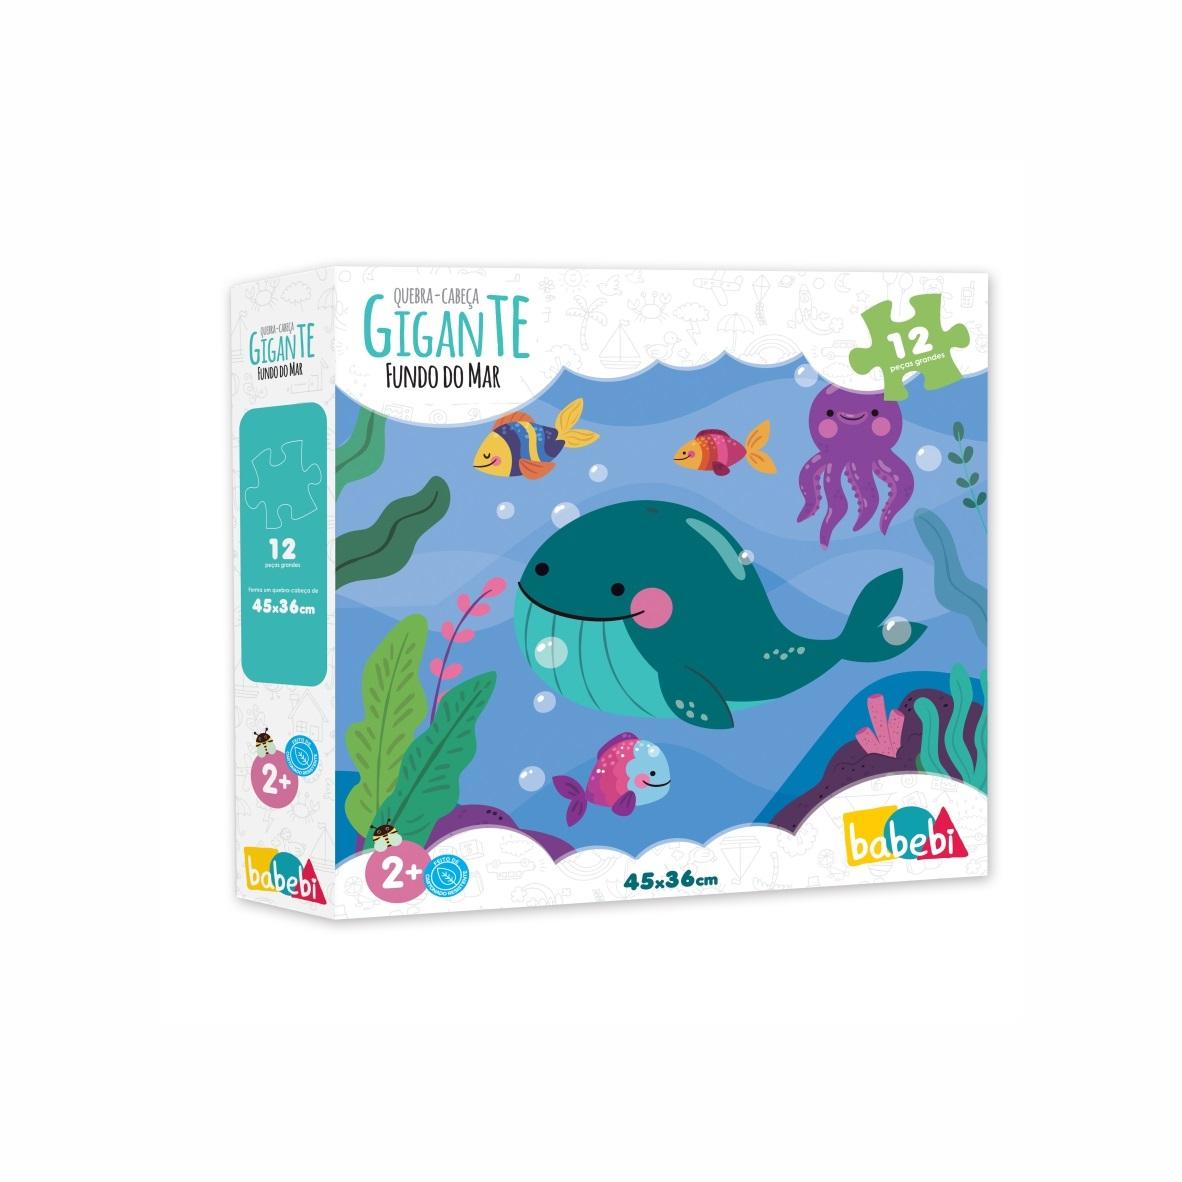 Brinquedo Educativo Quebra Cabeça Gigante Fundo Do Mar